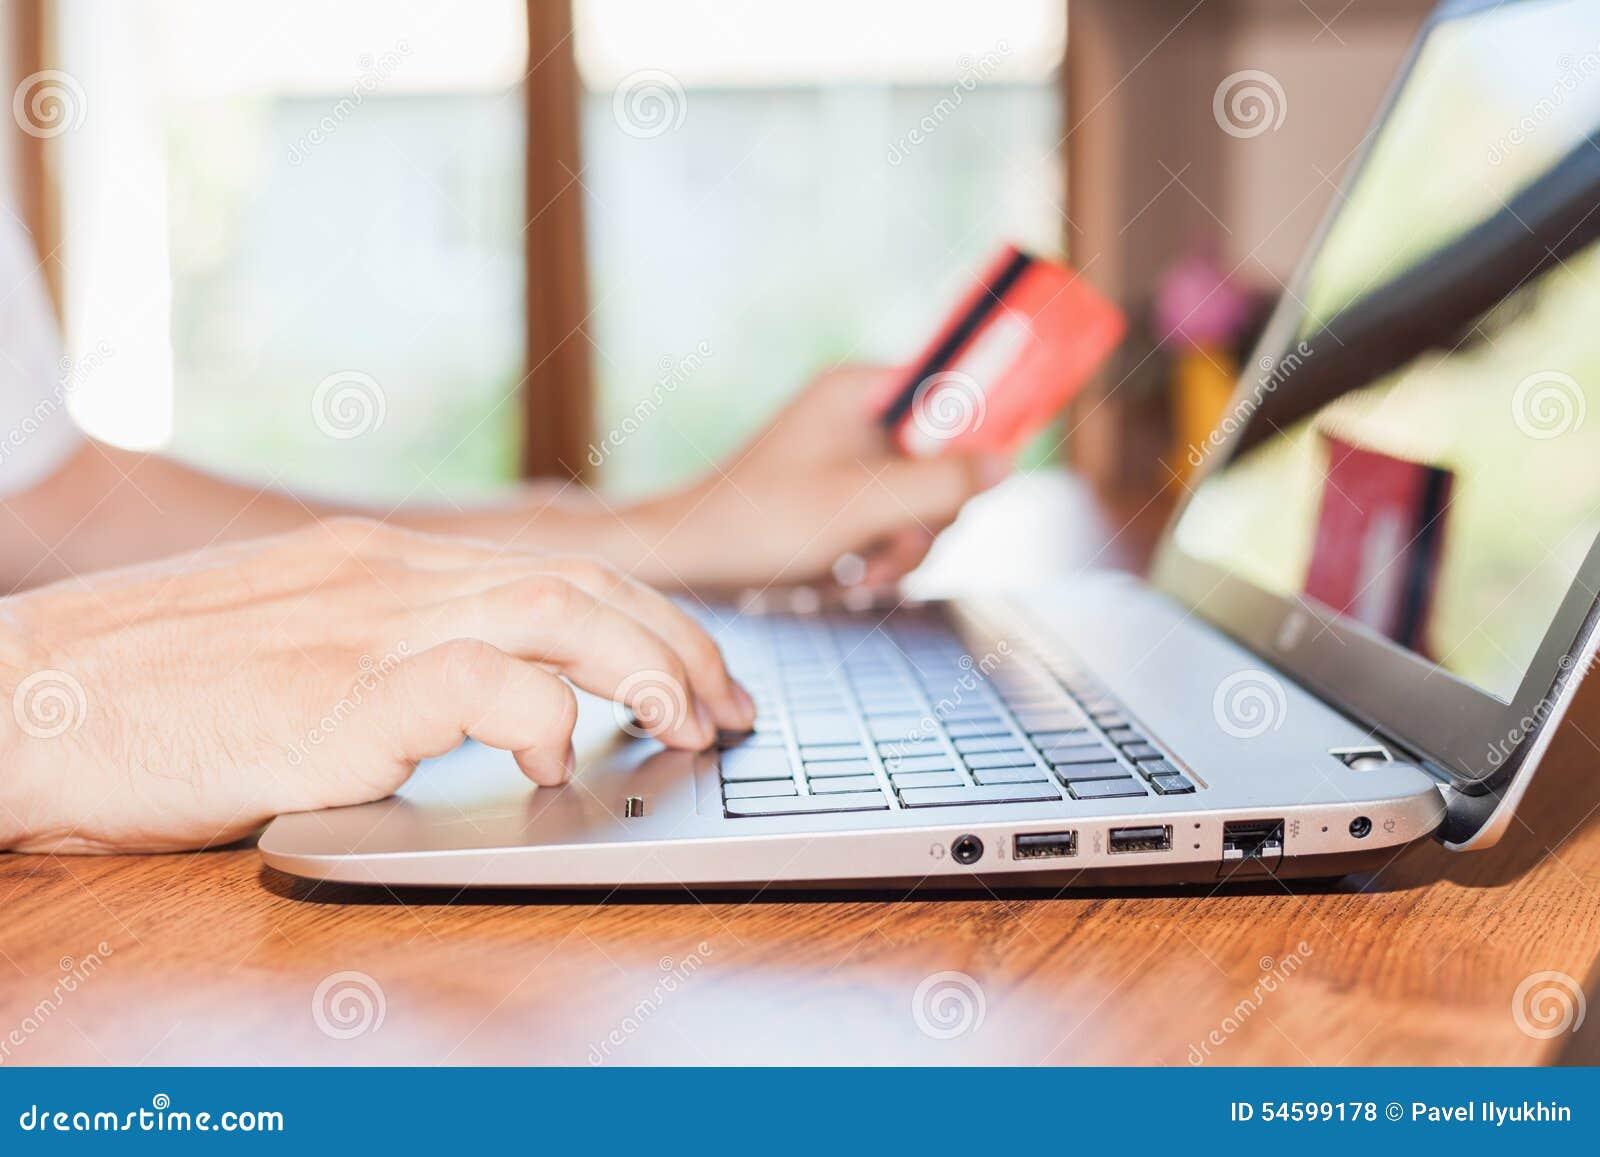 Conceito do pagamento em linha pelo cartão plástico com os Internet banking